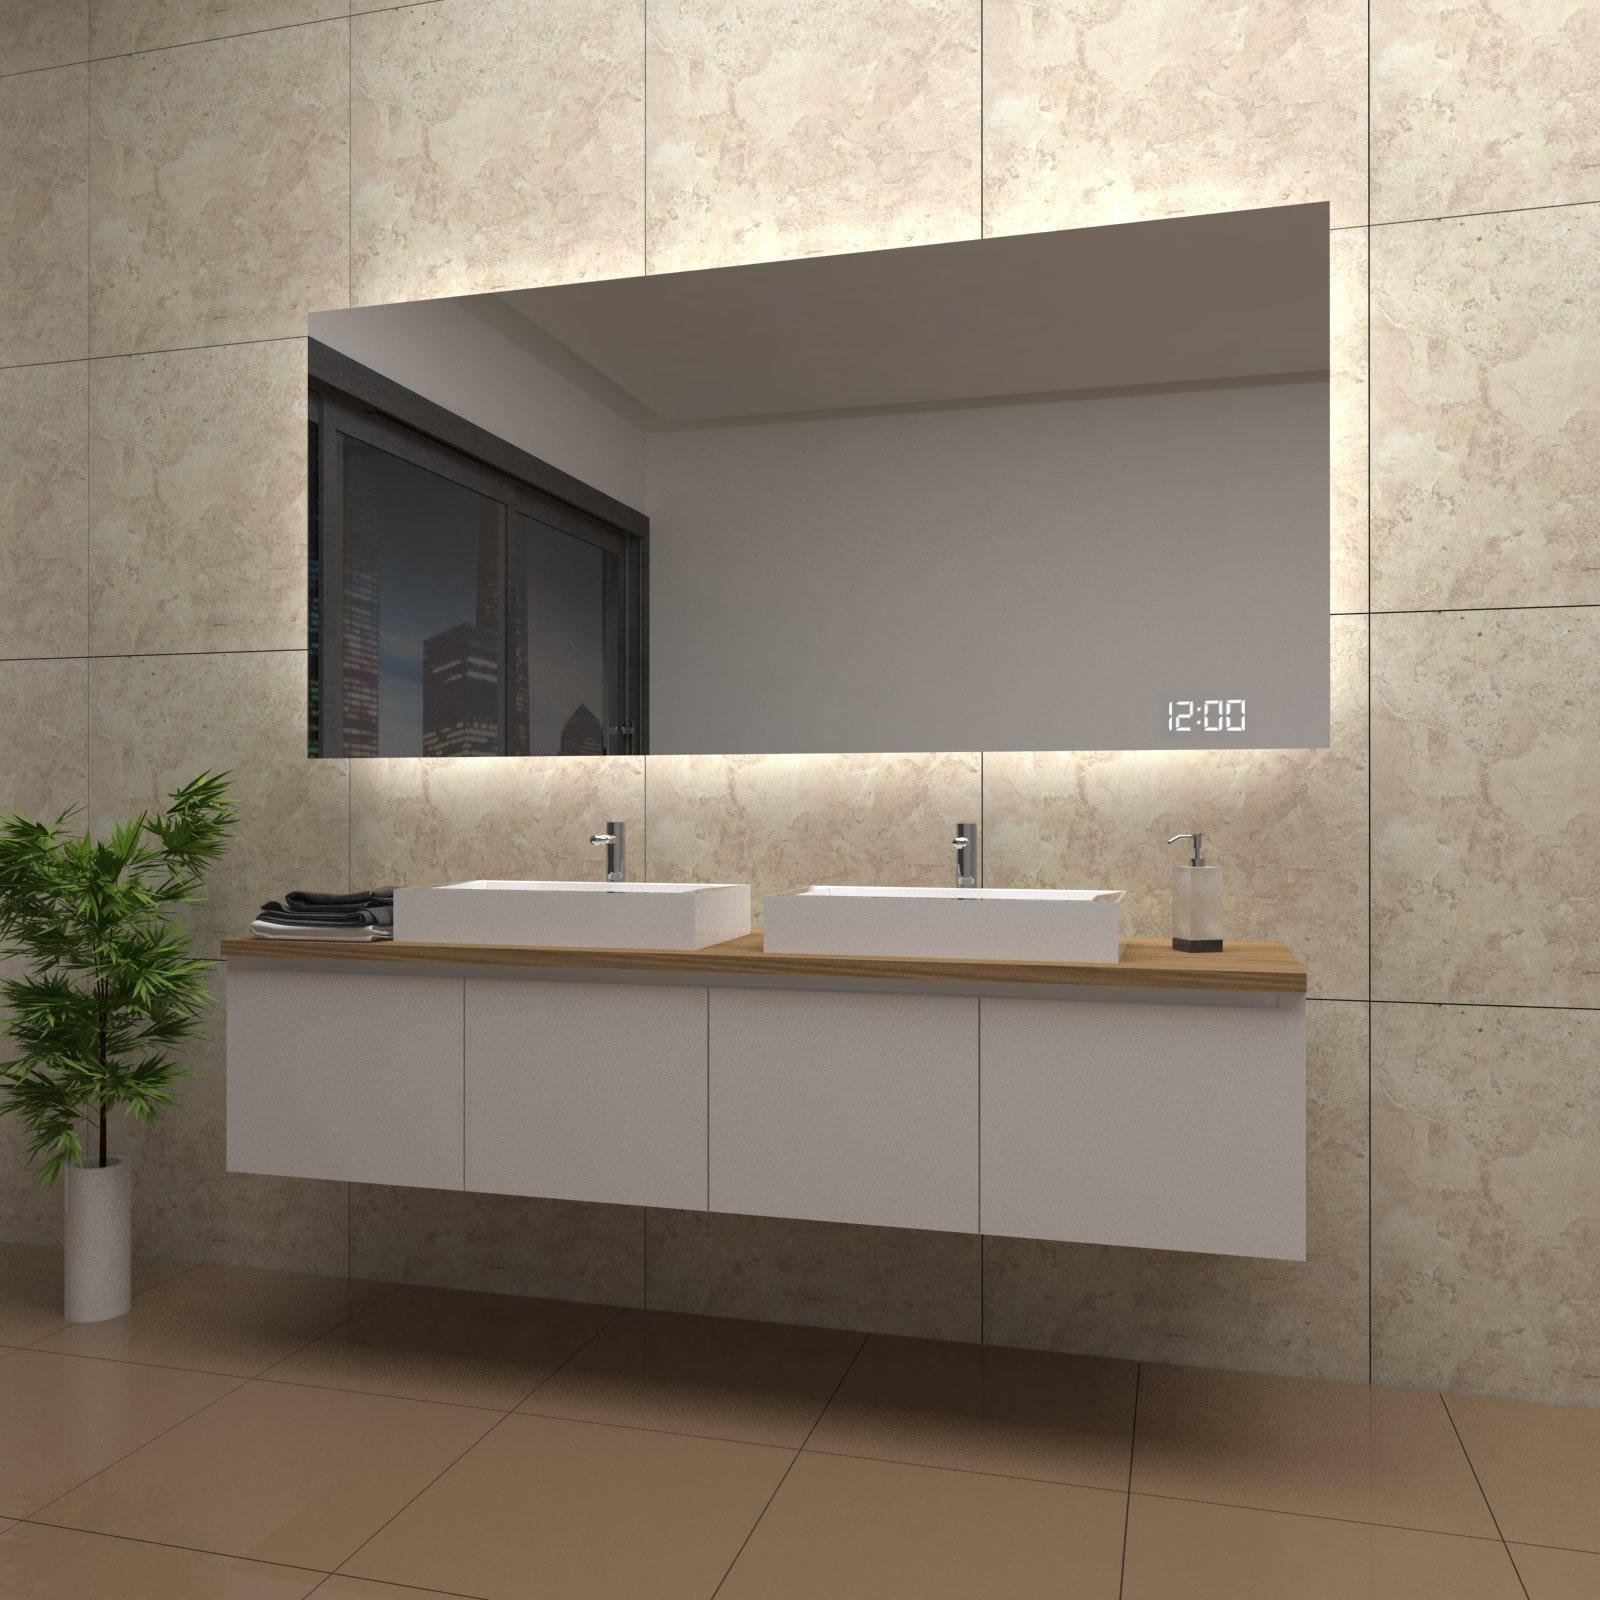 spiegel chloe mit led beleuchtung und uhr beschlagfrei temprix markenspiegel. Black Bedroom Furniture Sets. Home Design Ideas